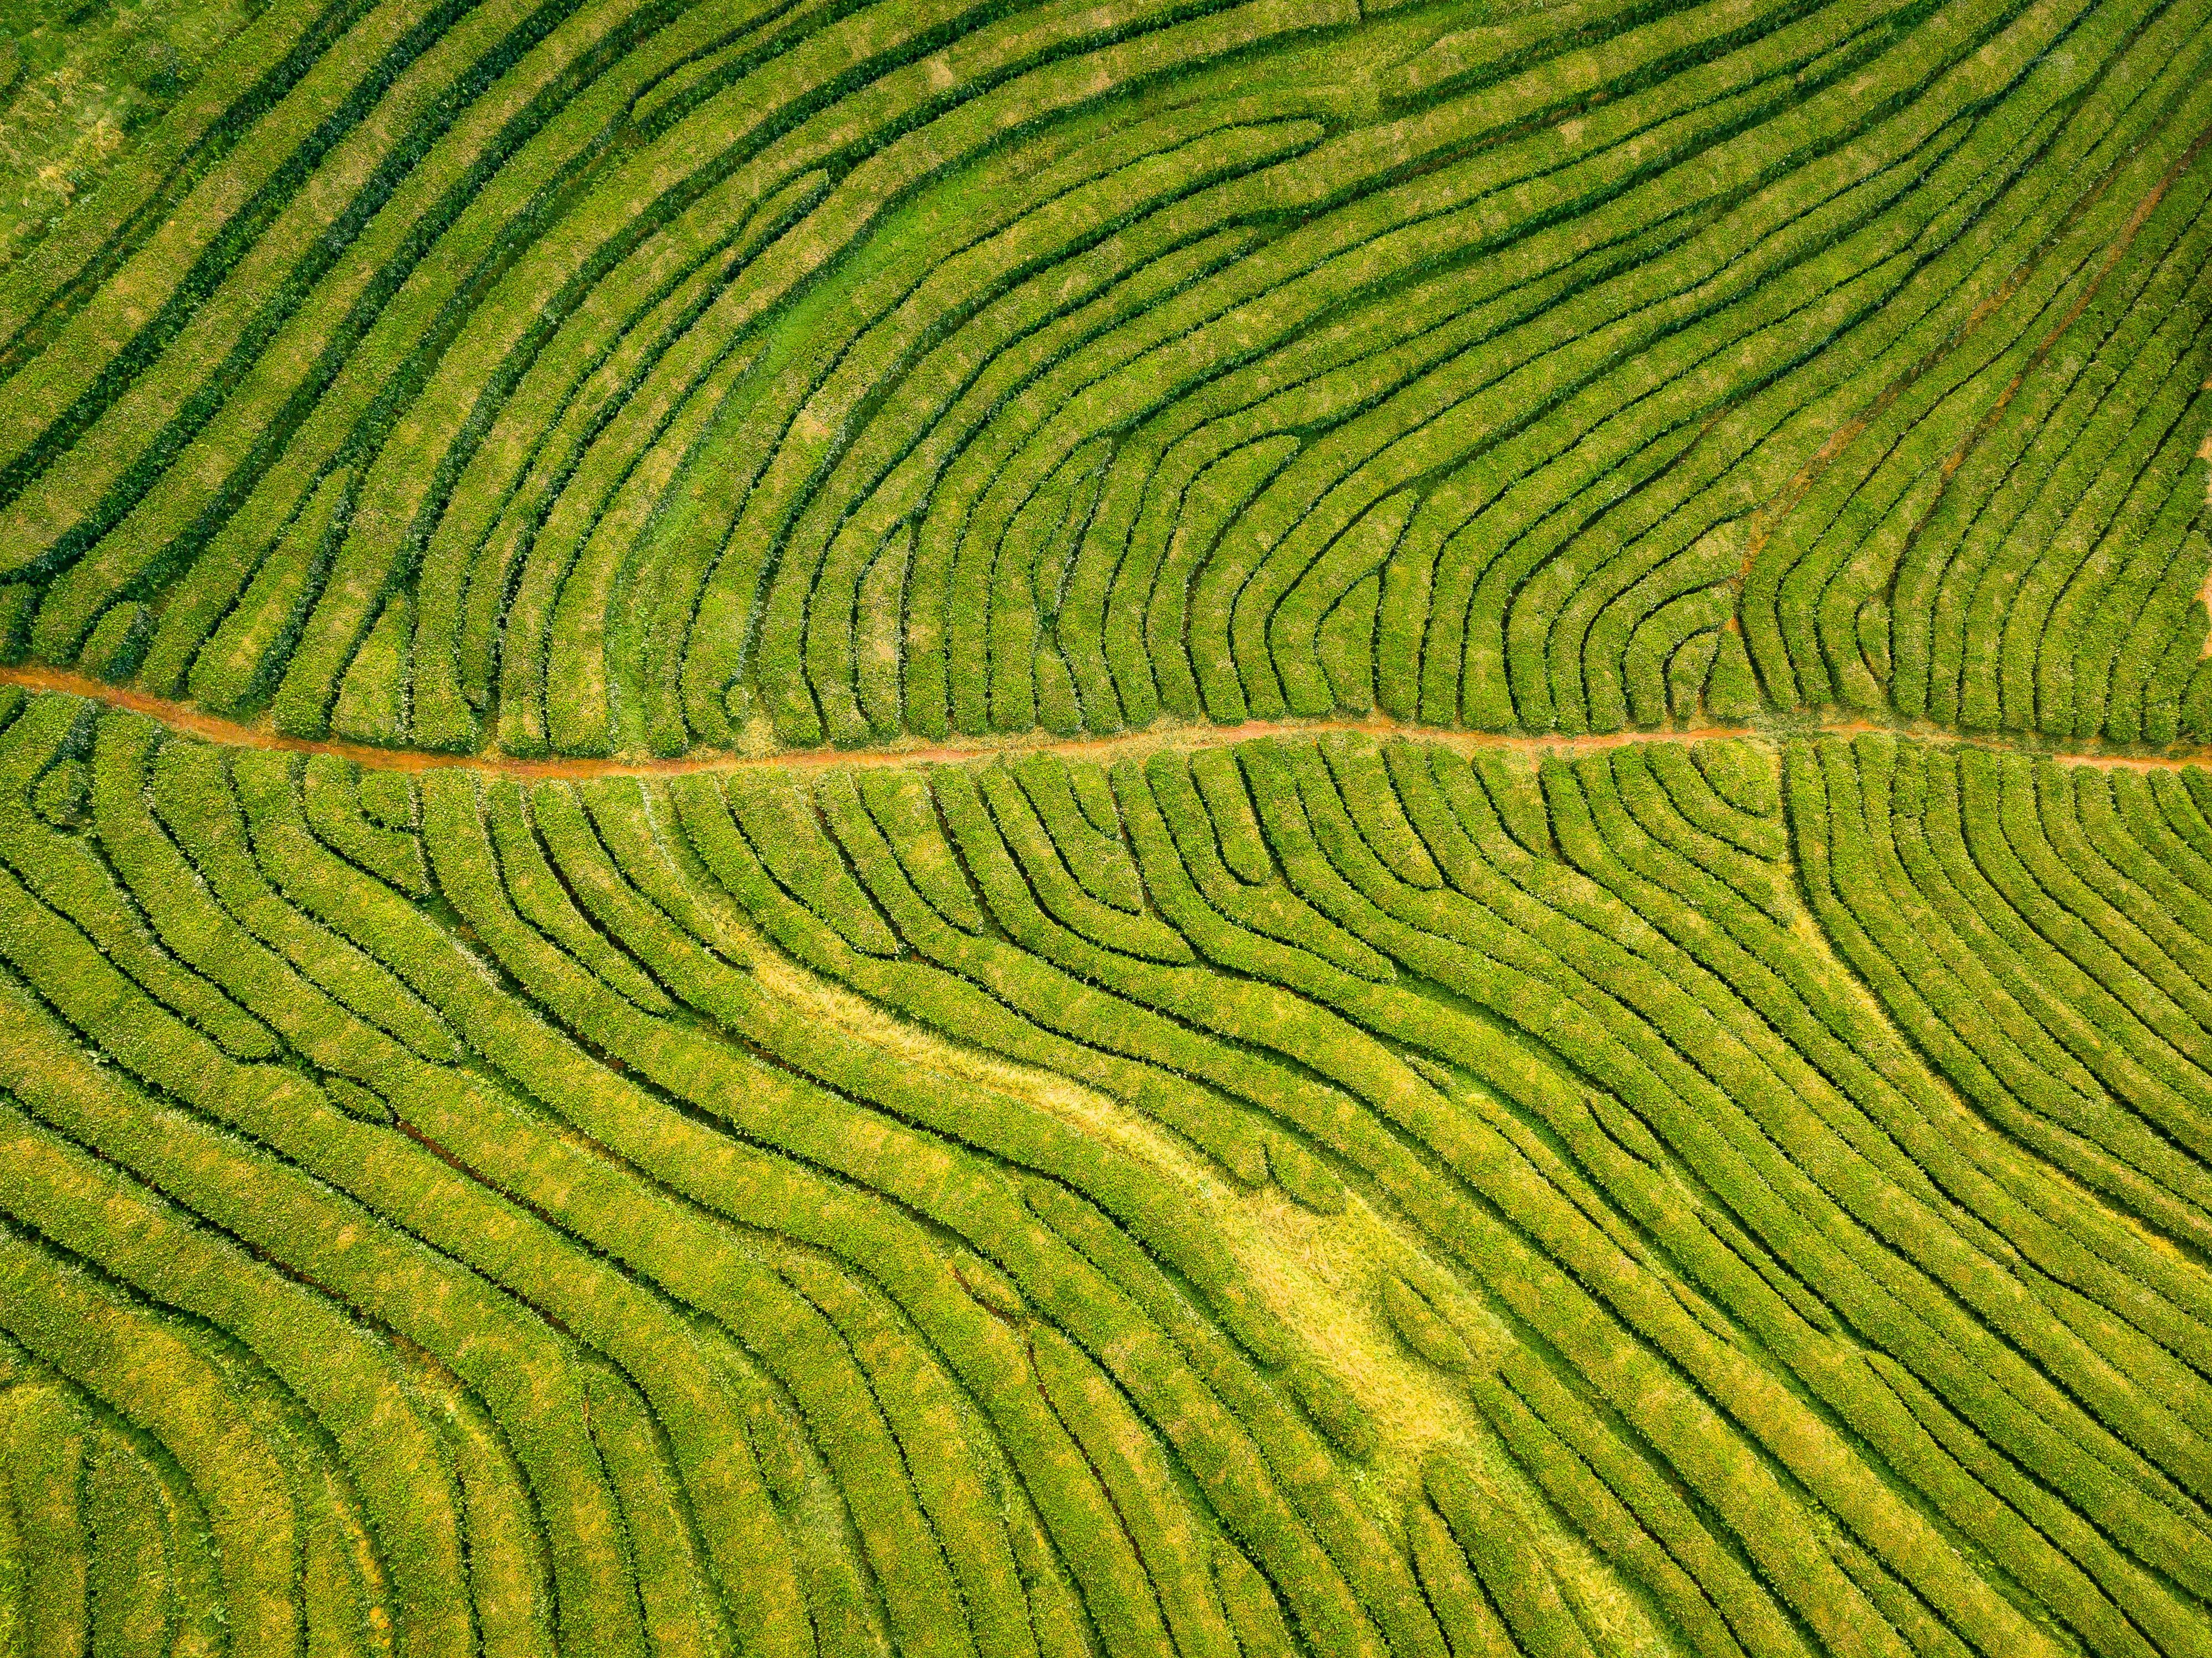 Fotos de stock gratuitas de Azores, campos de cultivo, crecimiento, desde arriba